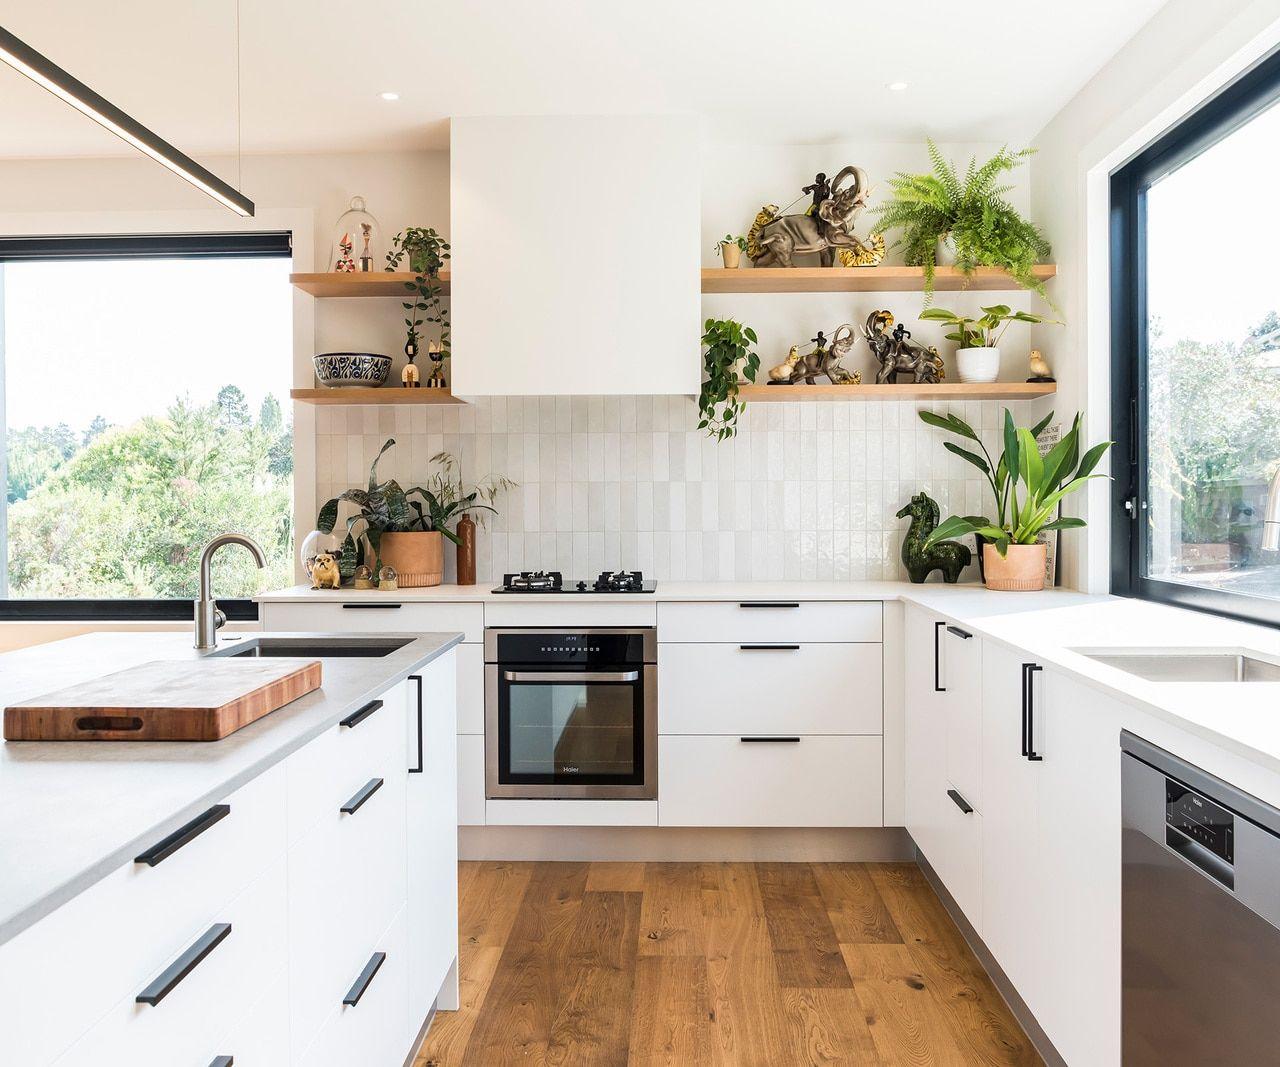 White Gloss Kitchens 2020